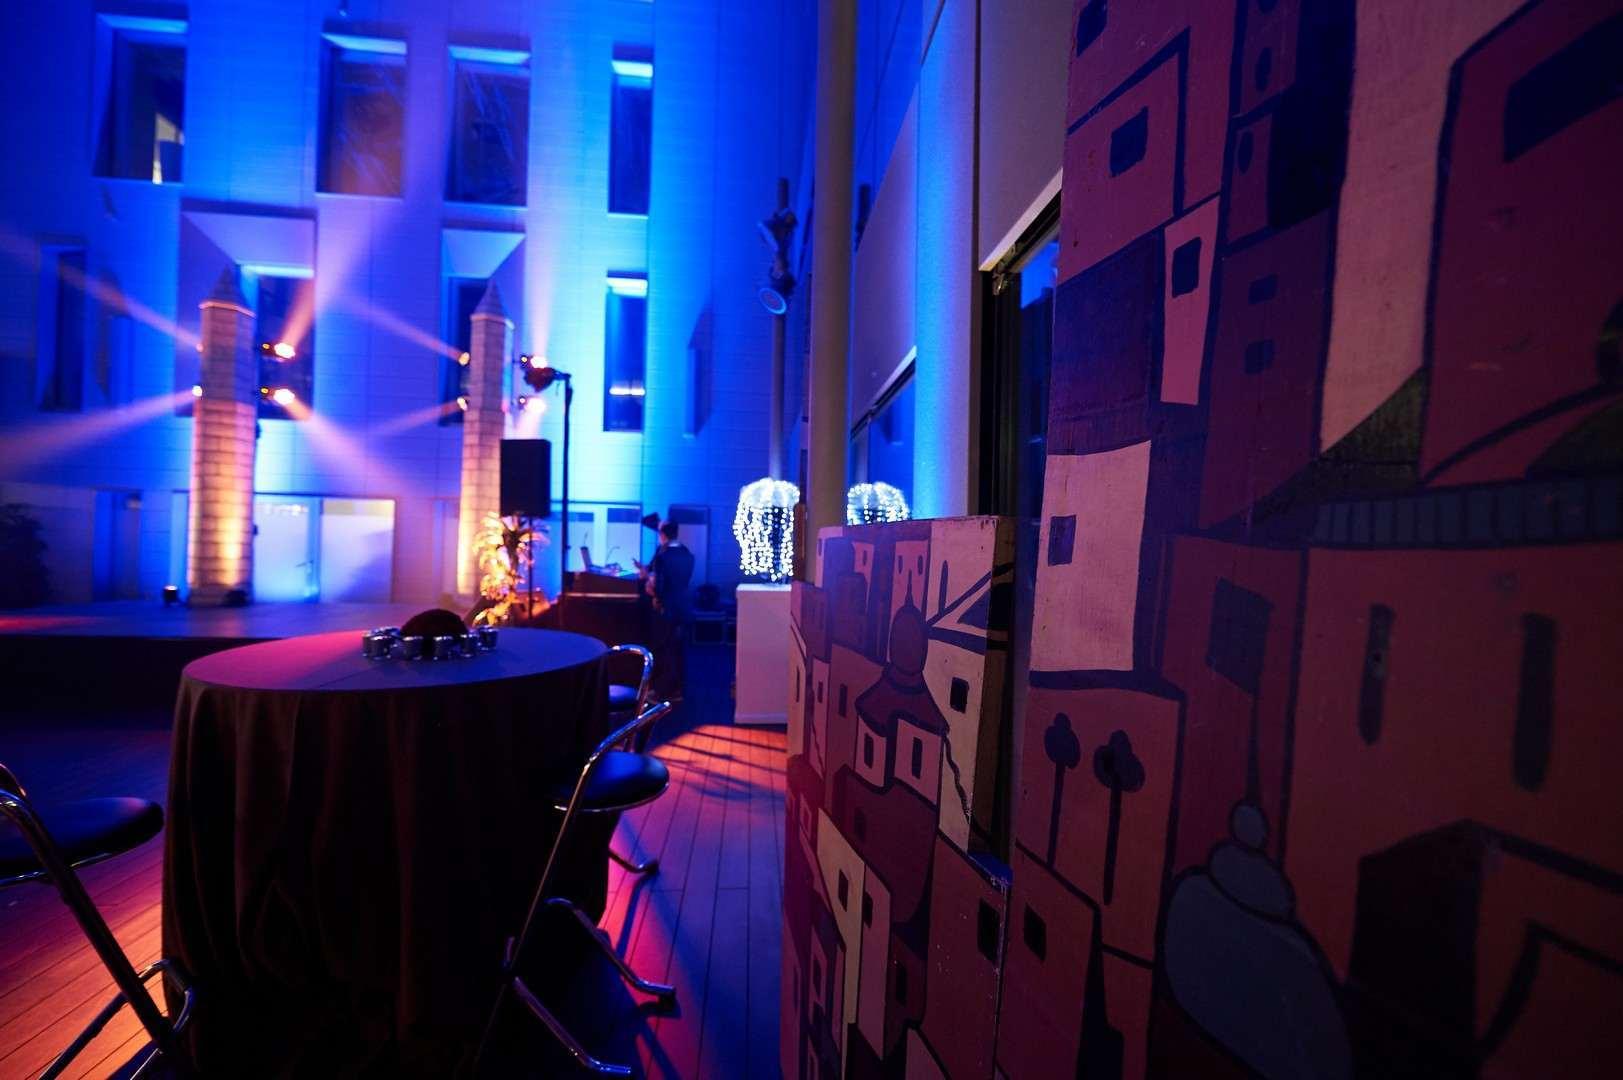 xmas-degroof-petercam-2016-evenement-project-evenementiel